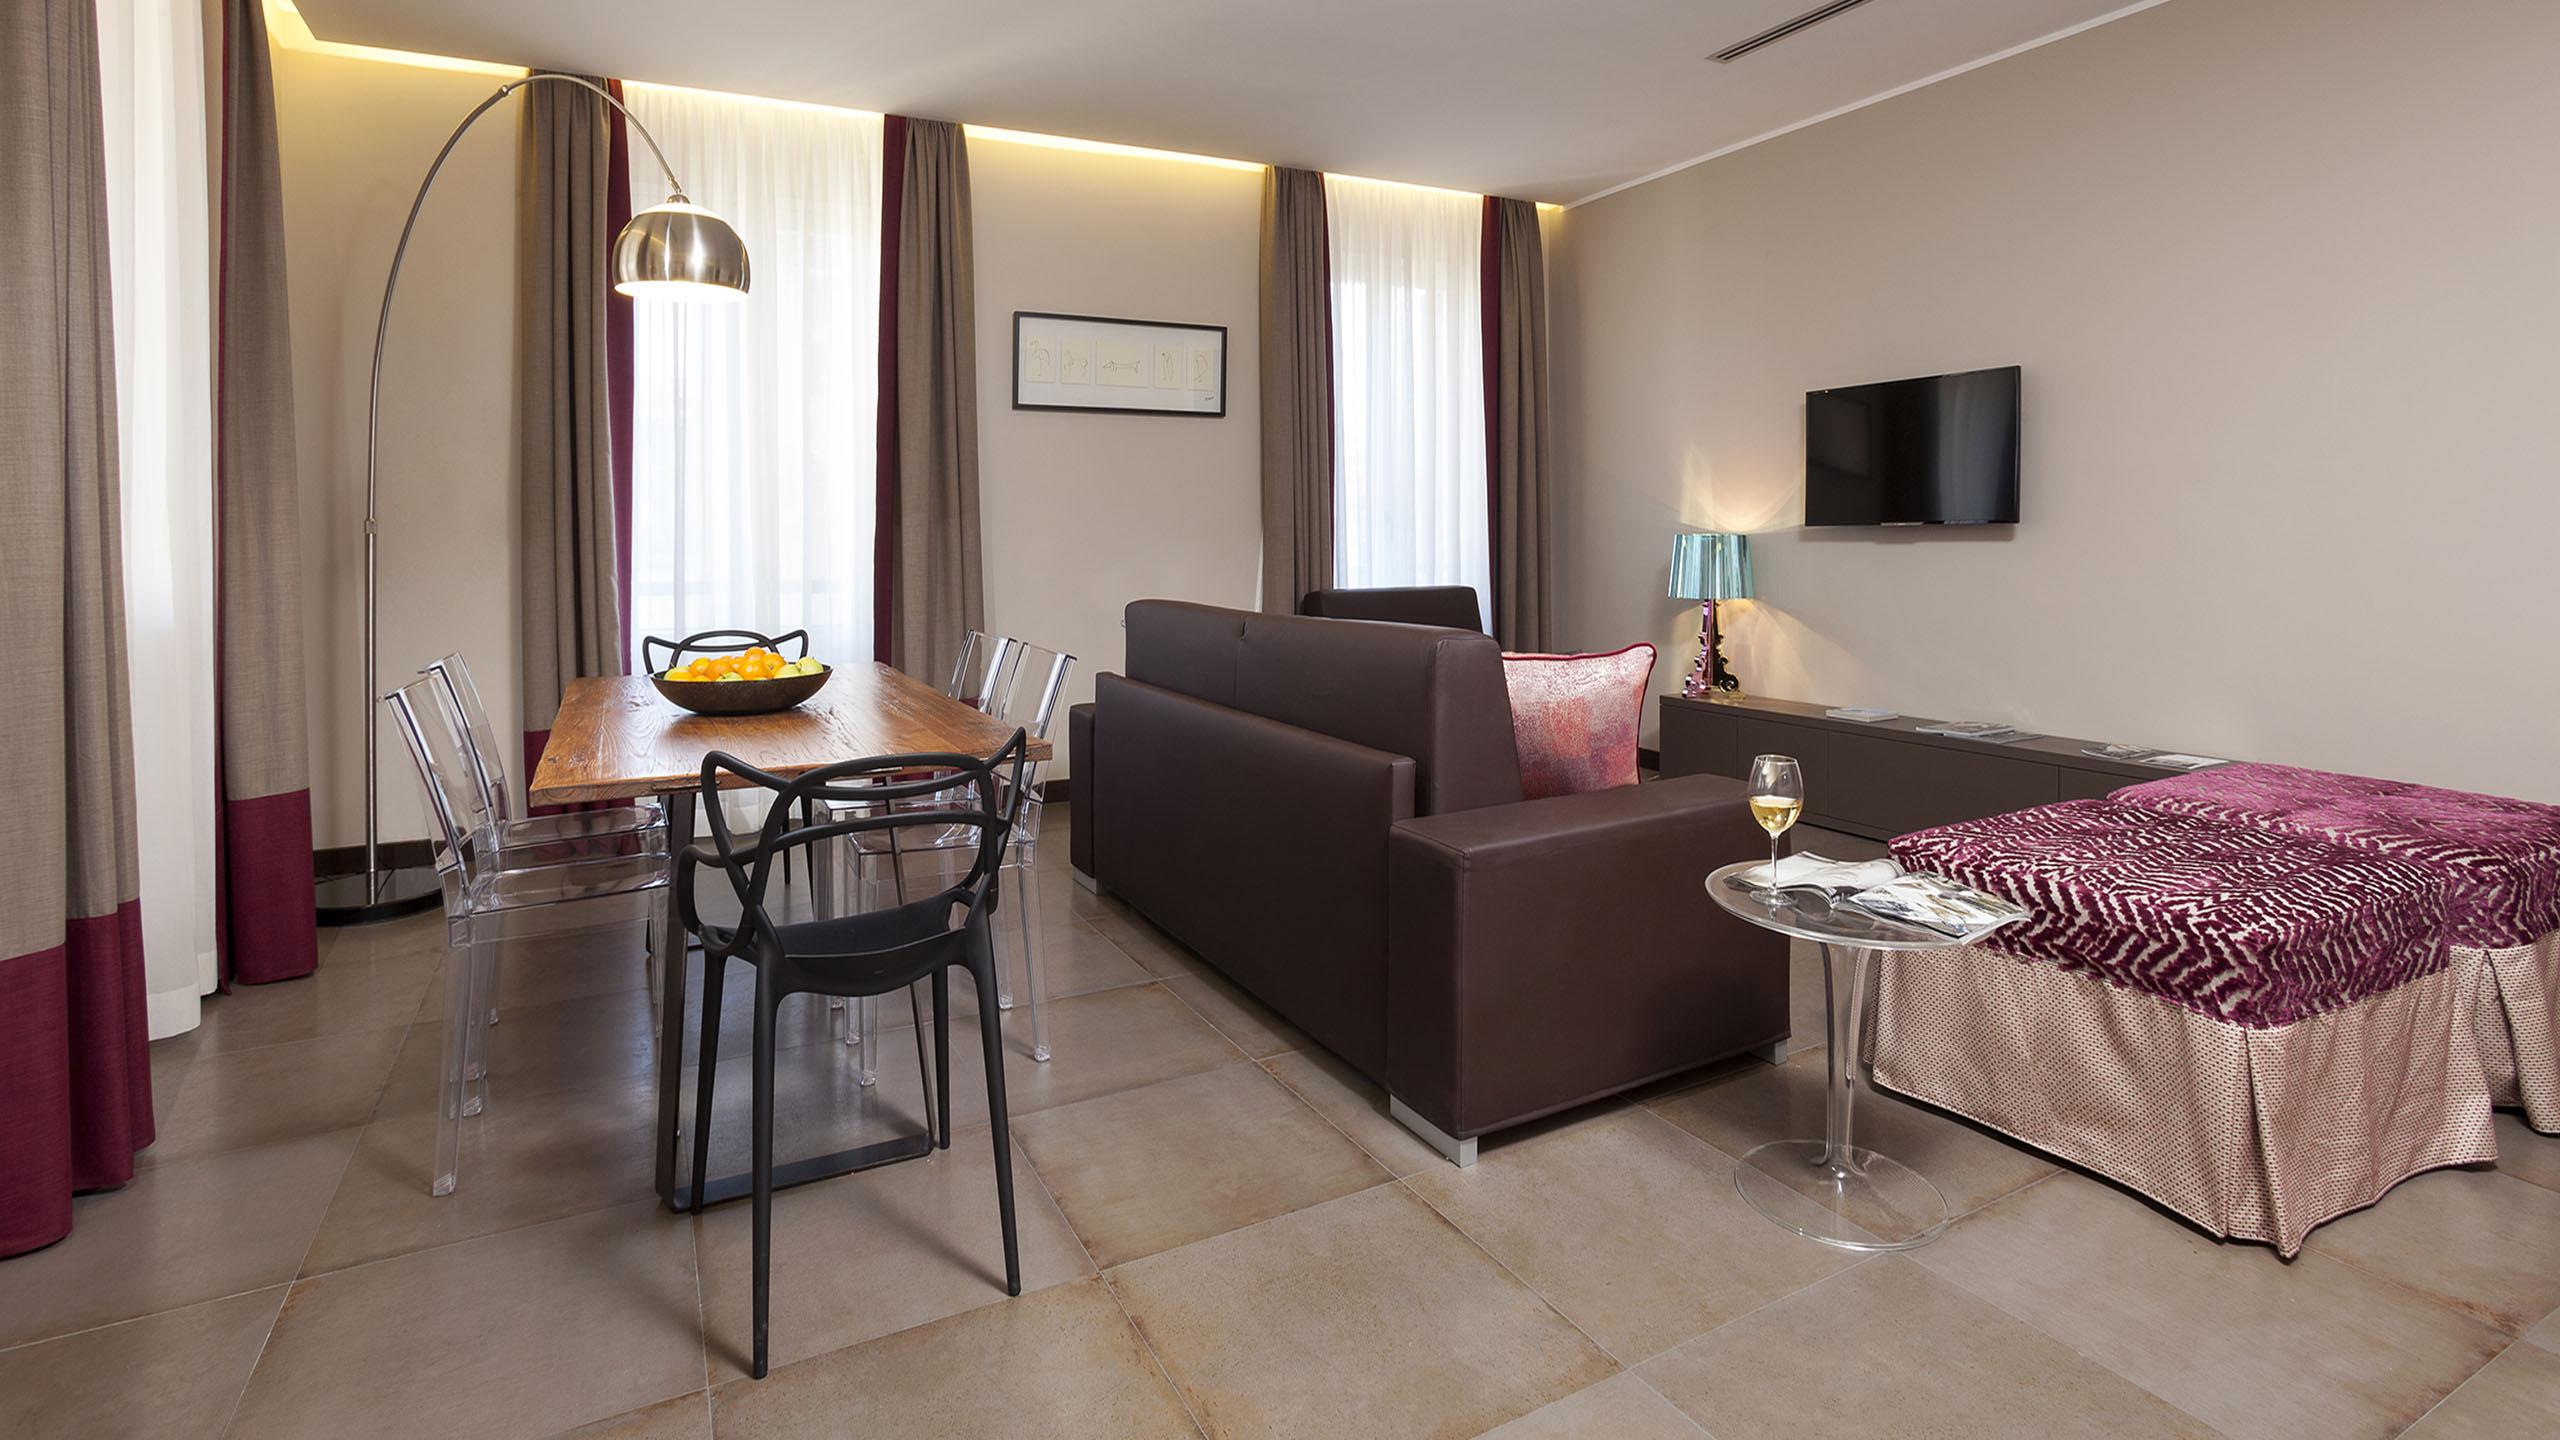 Residence-Trianon-Borgo-Roma-Pio-appartamento-superior-con-terrazza-2020-soggiorno-divano.jpg